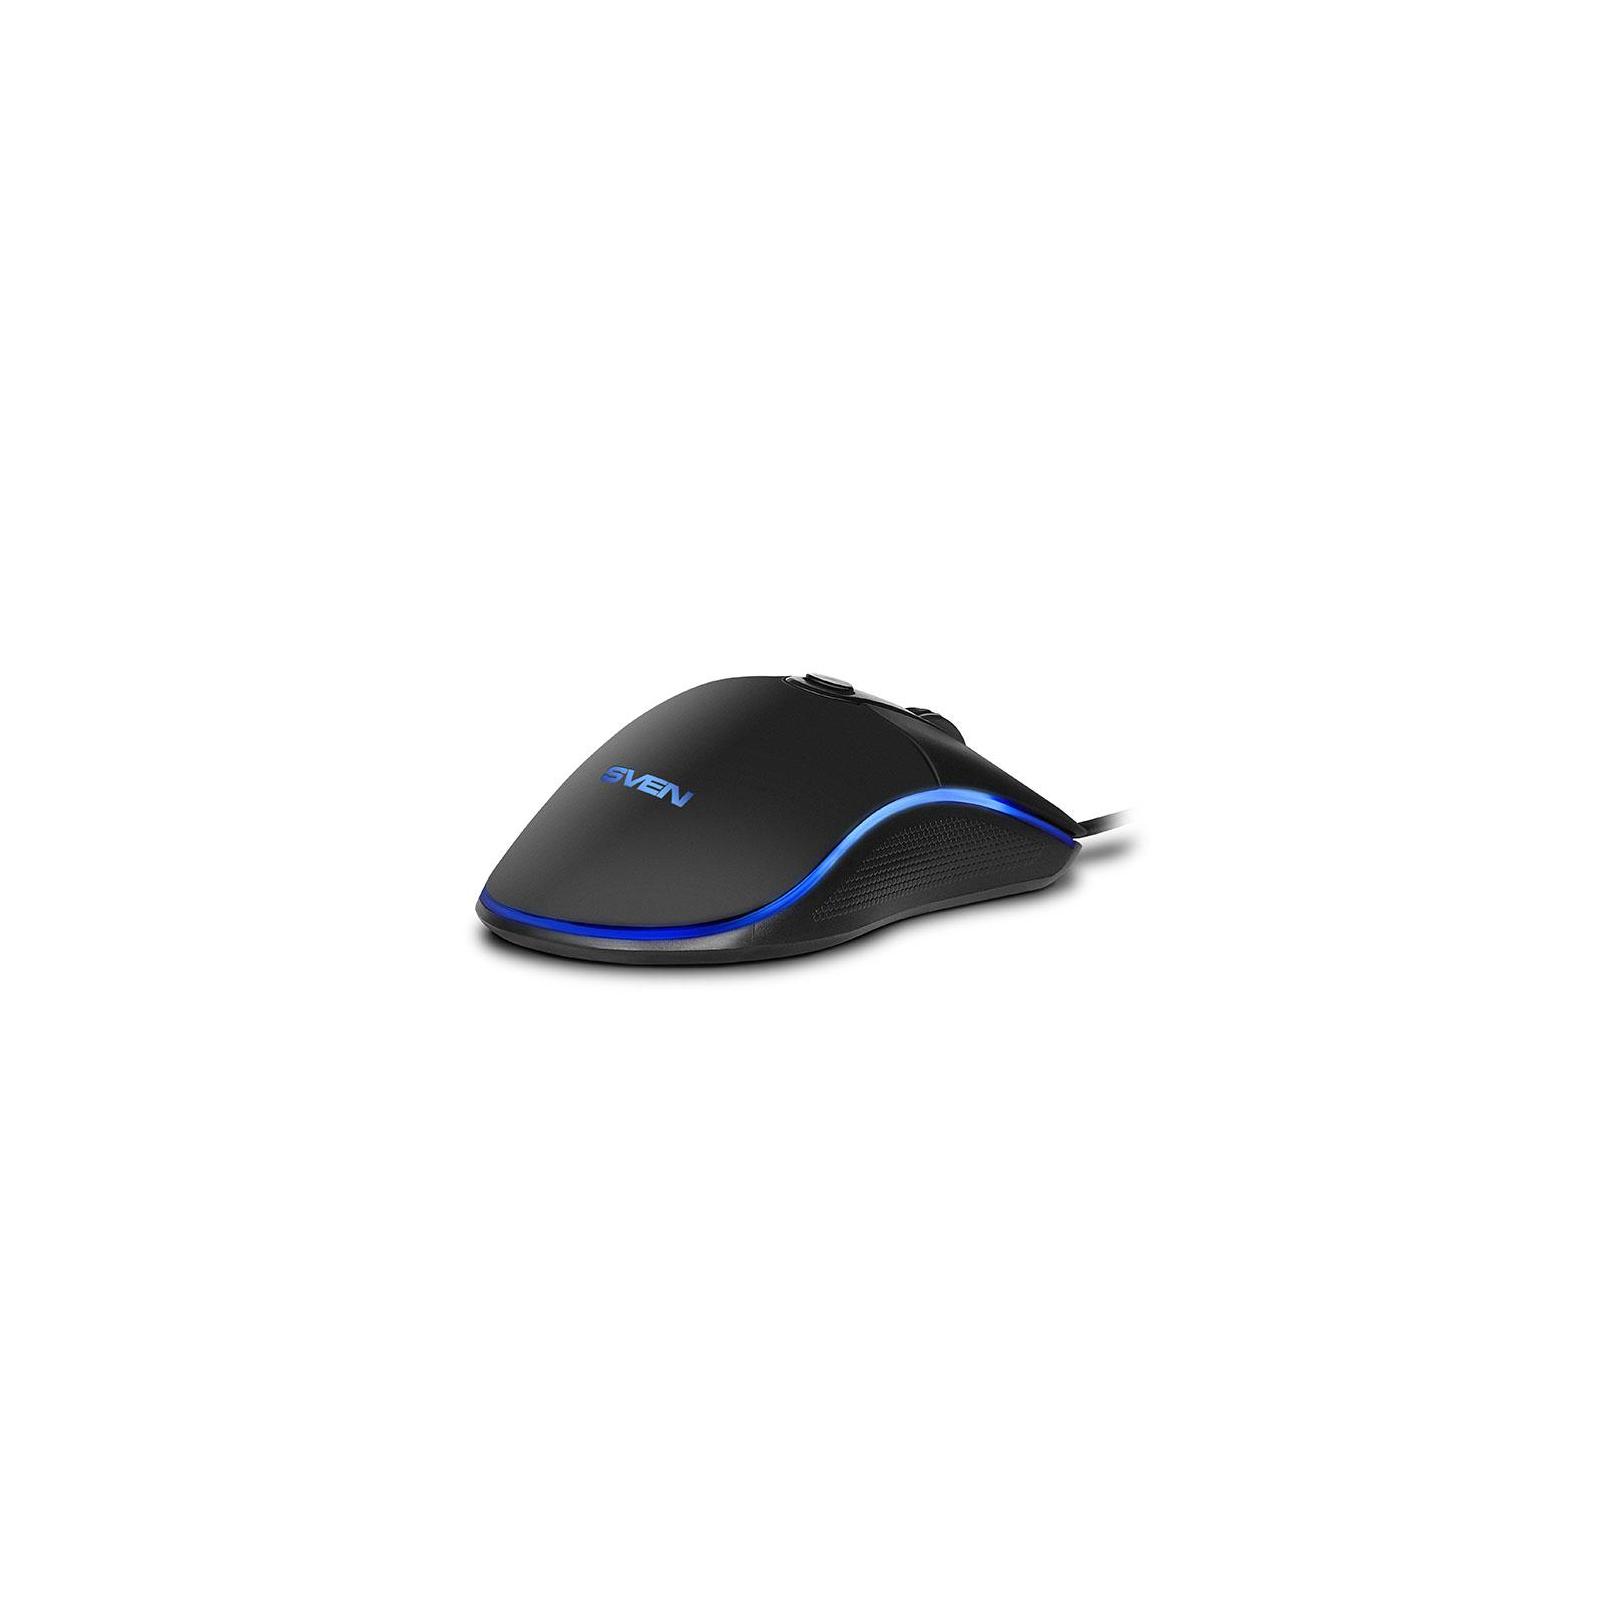 Мышка SVEN RX-G940 изображение 6